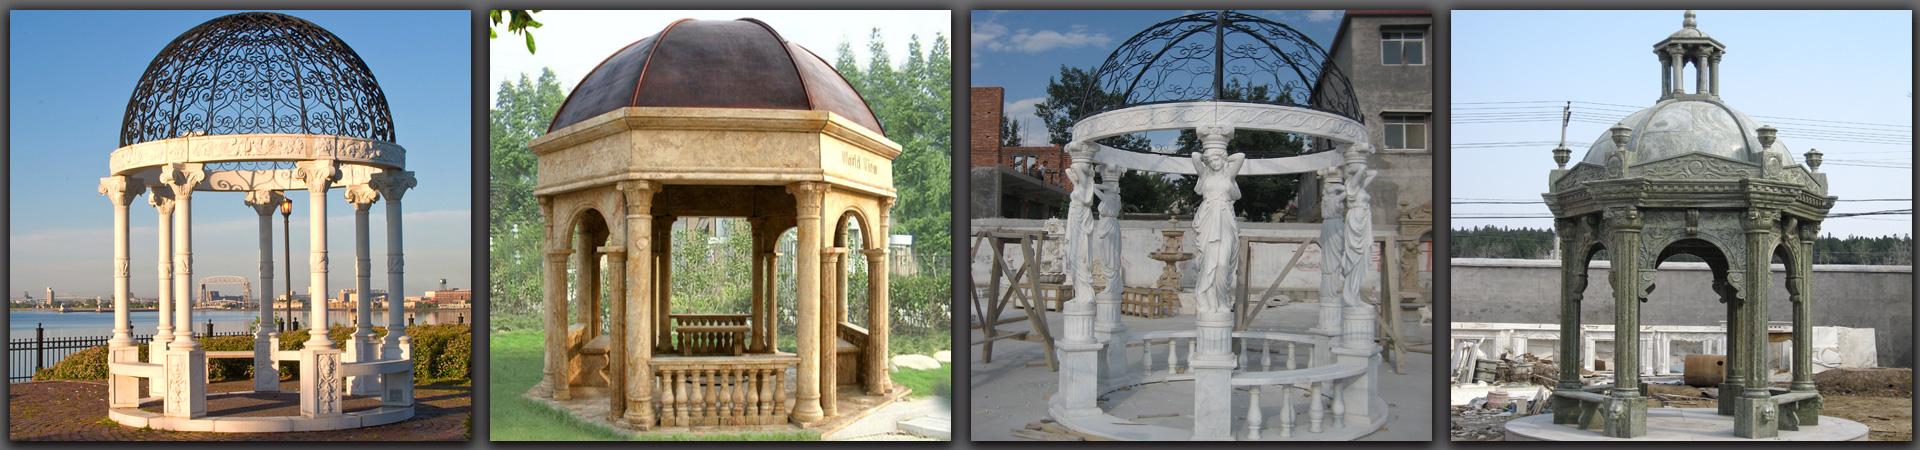 outdoor garden marble gazebos